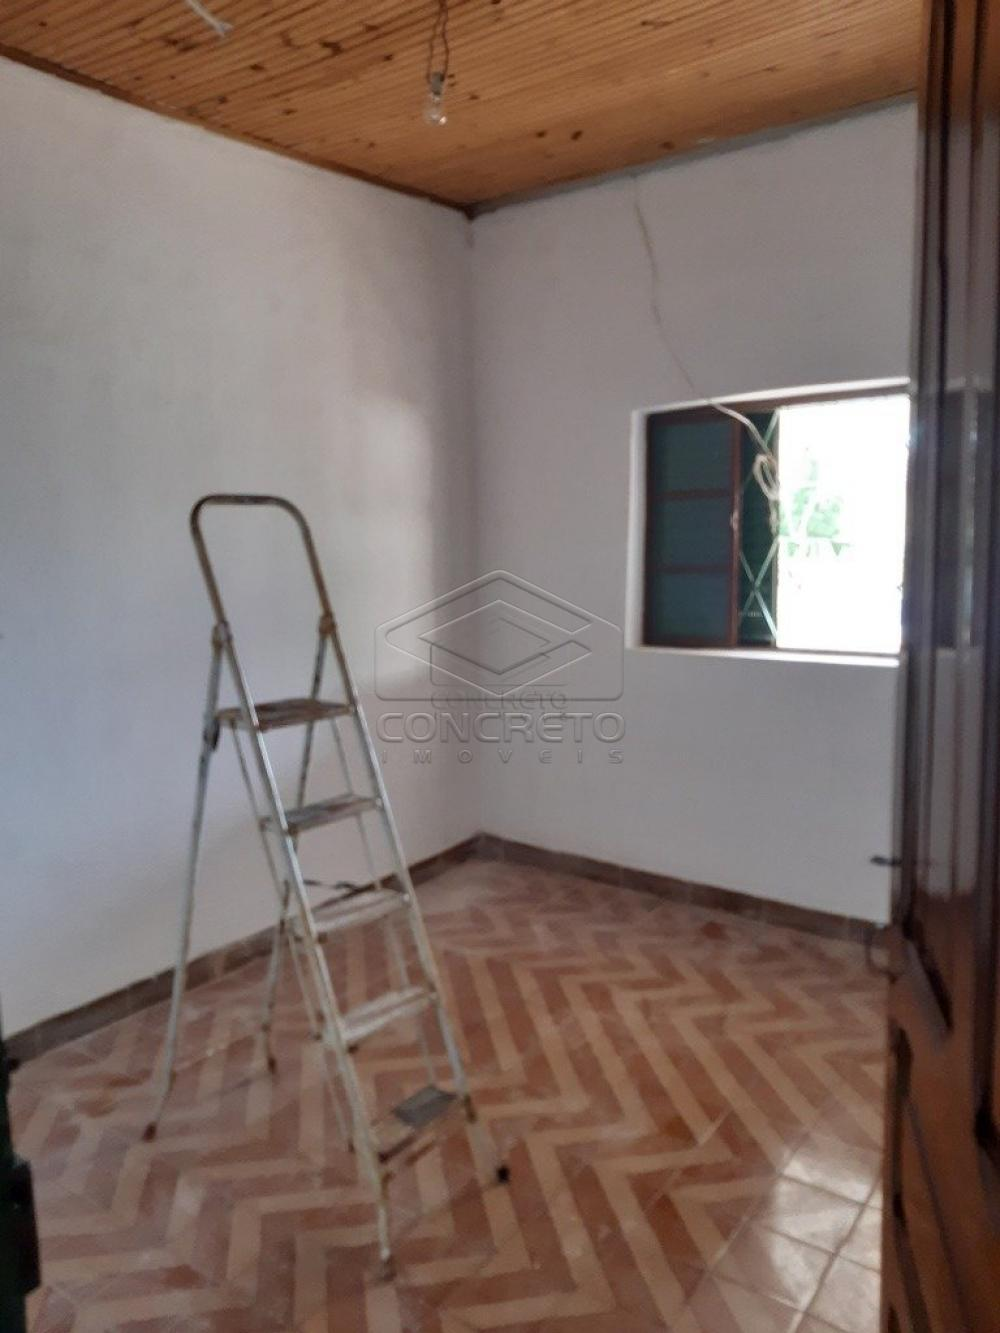 Comprar Casa / Padrão em Bauru apenas R$ 255.000,00 - Foto 4